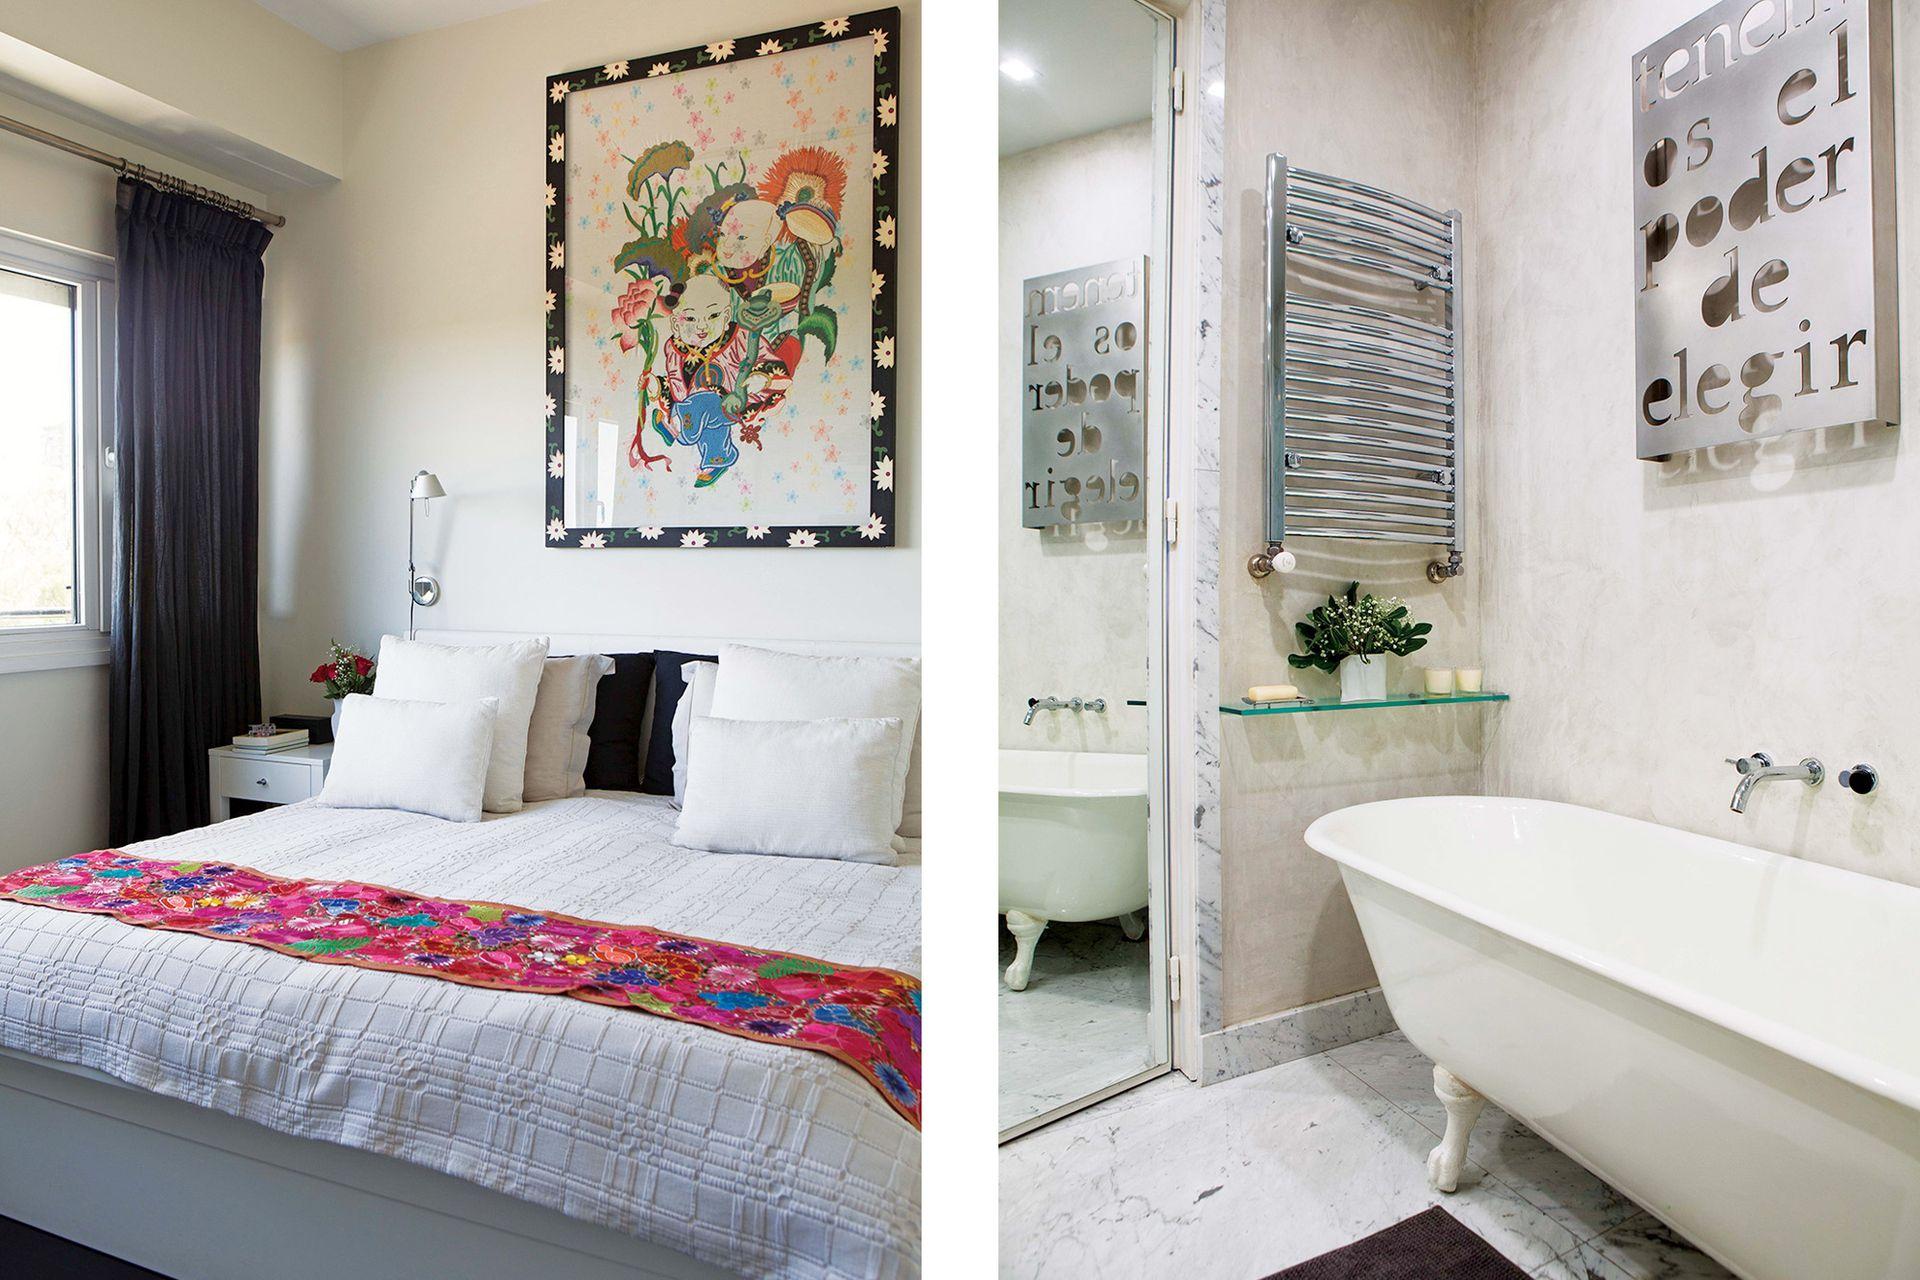 El baño principal es una caja de mármol de Carrara, que se combinó con un revestimiento de estuco para una contrastante textura aterciopelada. Obra de aluminio (inmune a la humedad) 'Tenemos el poder de elegir', de Marie Orensanz.